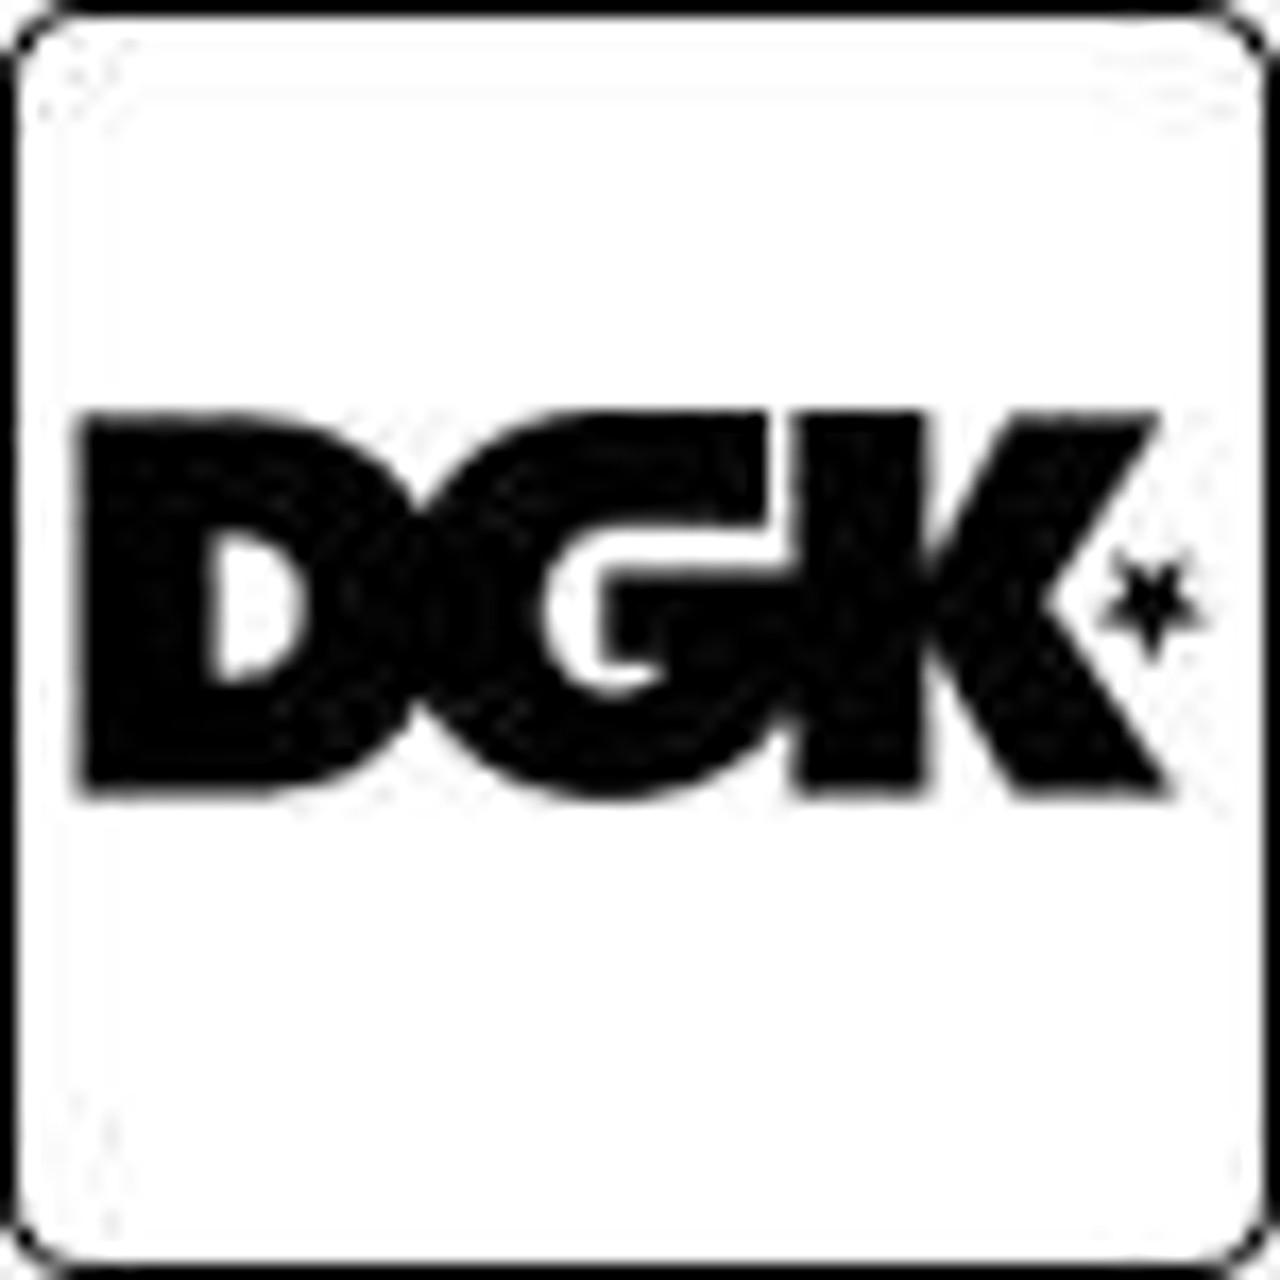 Tech Deck DGK 96mm Mini Skateboard 4-Pack [Random Boards]